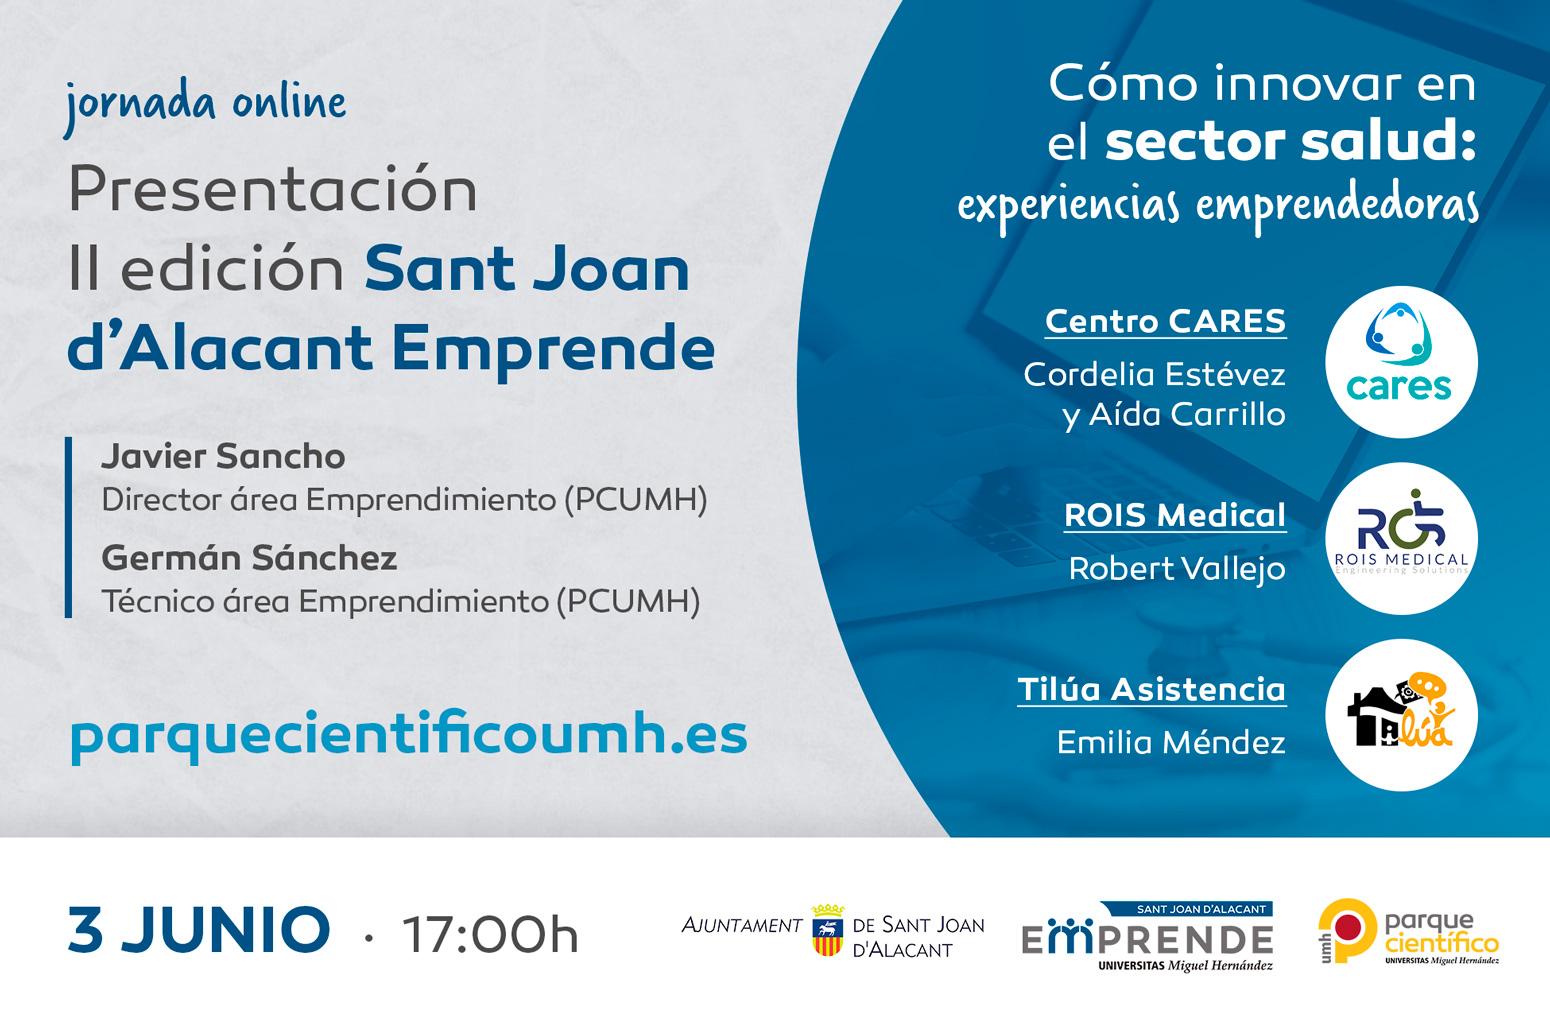 Presentación de la 2ª edición de Sant Joan Emprende y experiencias emprendedoras